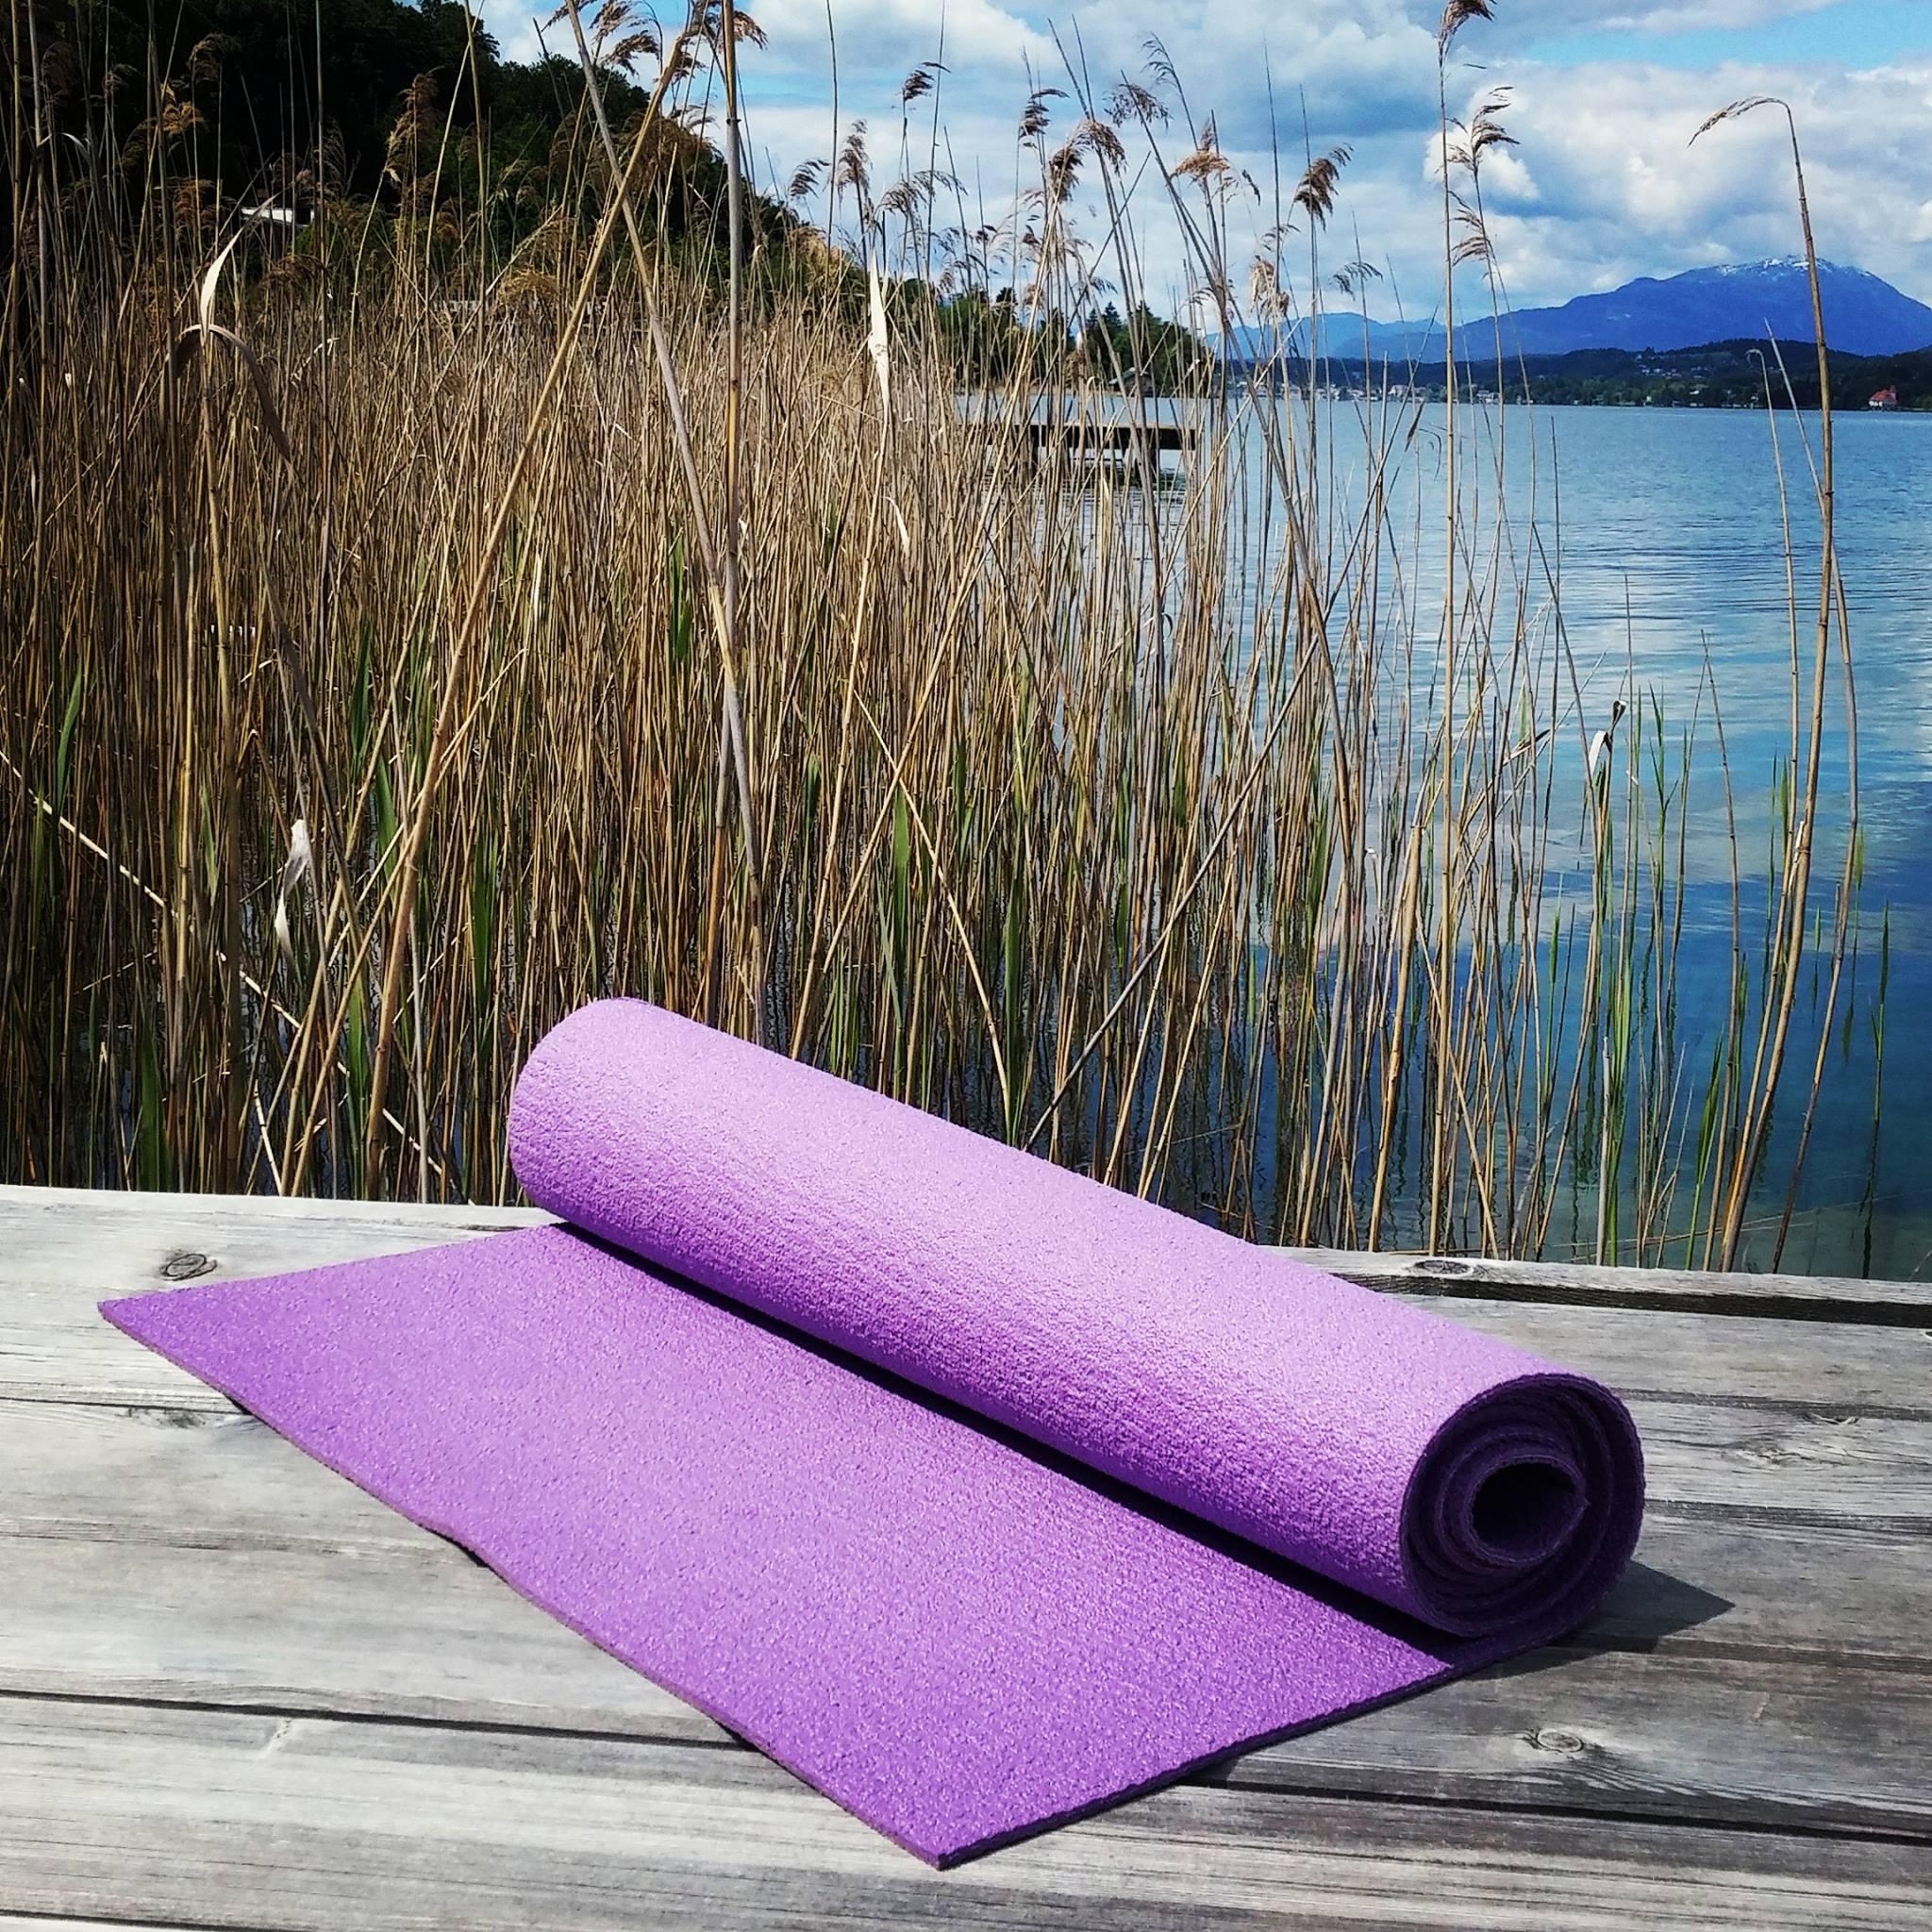 yogamattedieneniwörthersee